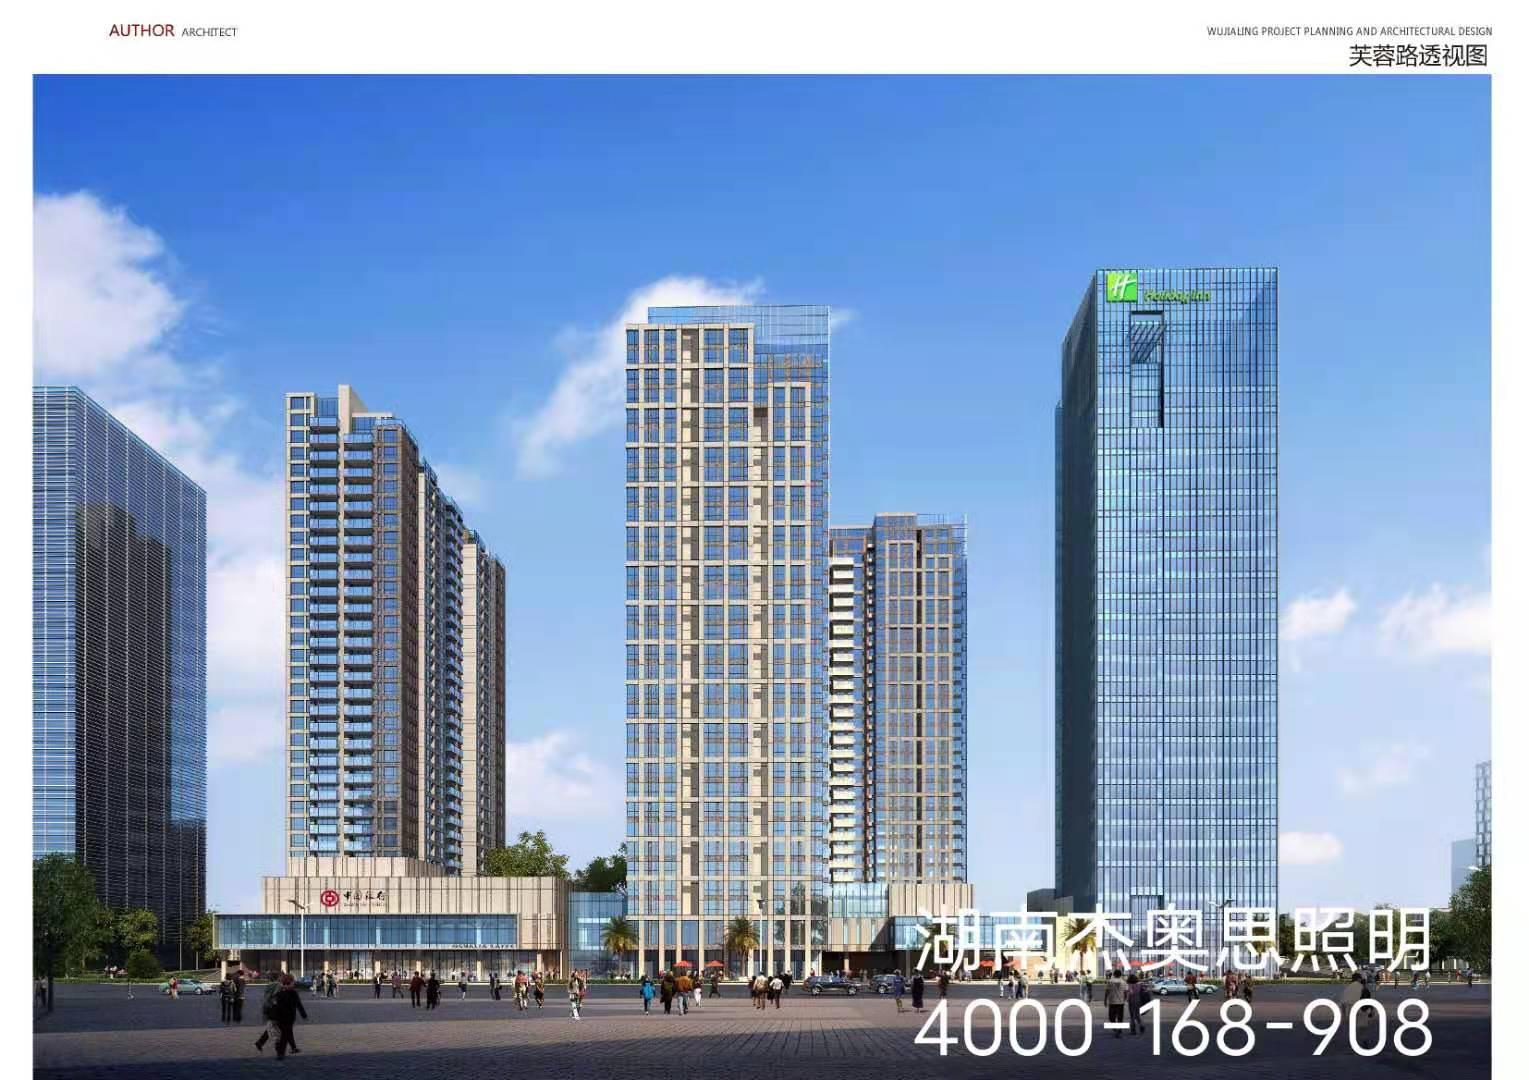 湖南杰奥思参与里约荟商业中心栋泛光照明工程建设